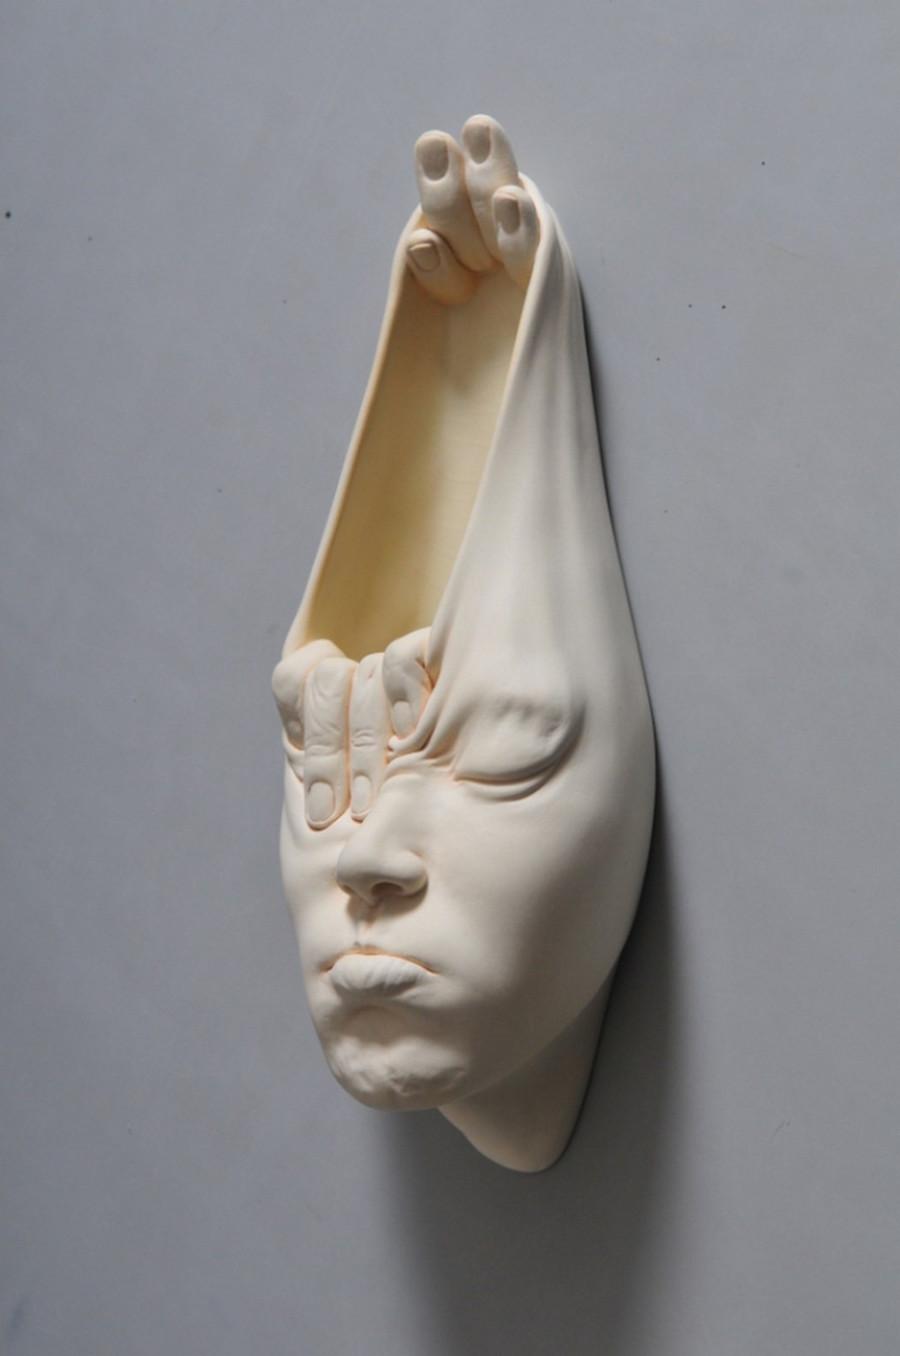 Minti deschise: Sculpturi suprarealiste din portelan - Poza 1